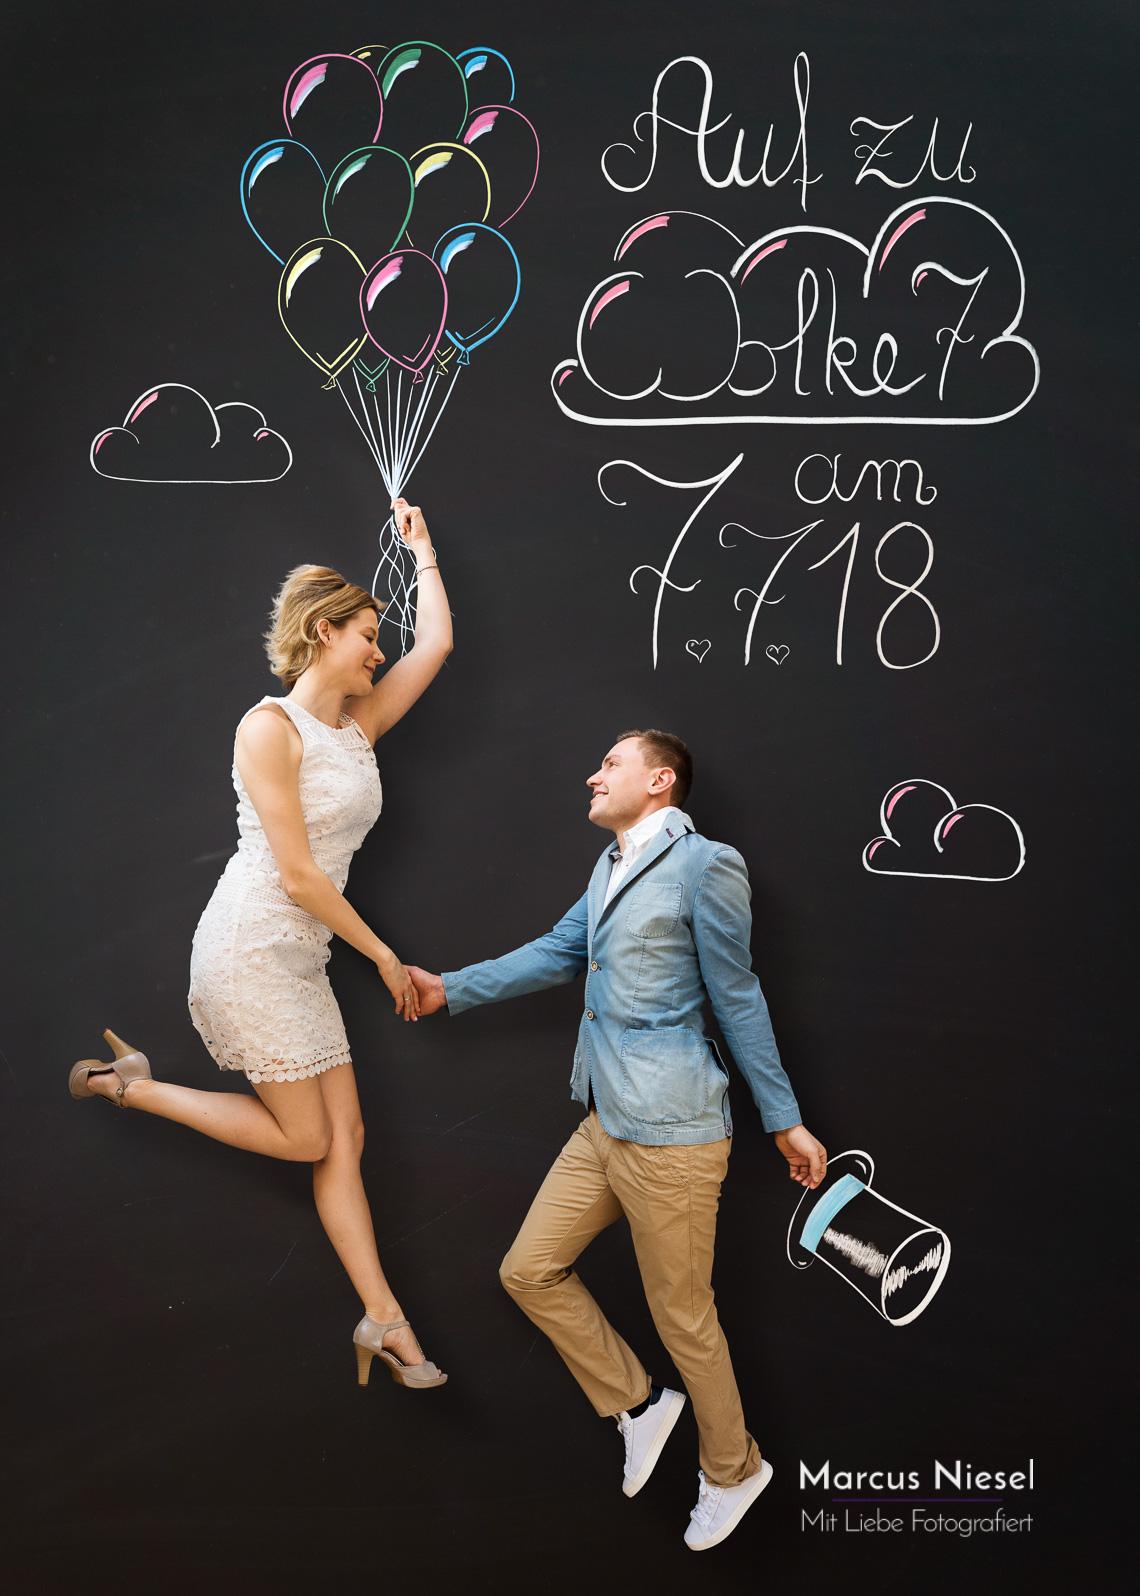 Ein Paar schaut sich liebevoll in die Augen und fliegt imaginar an Luftballons hängend hinauf zu Wolke 7.